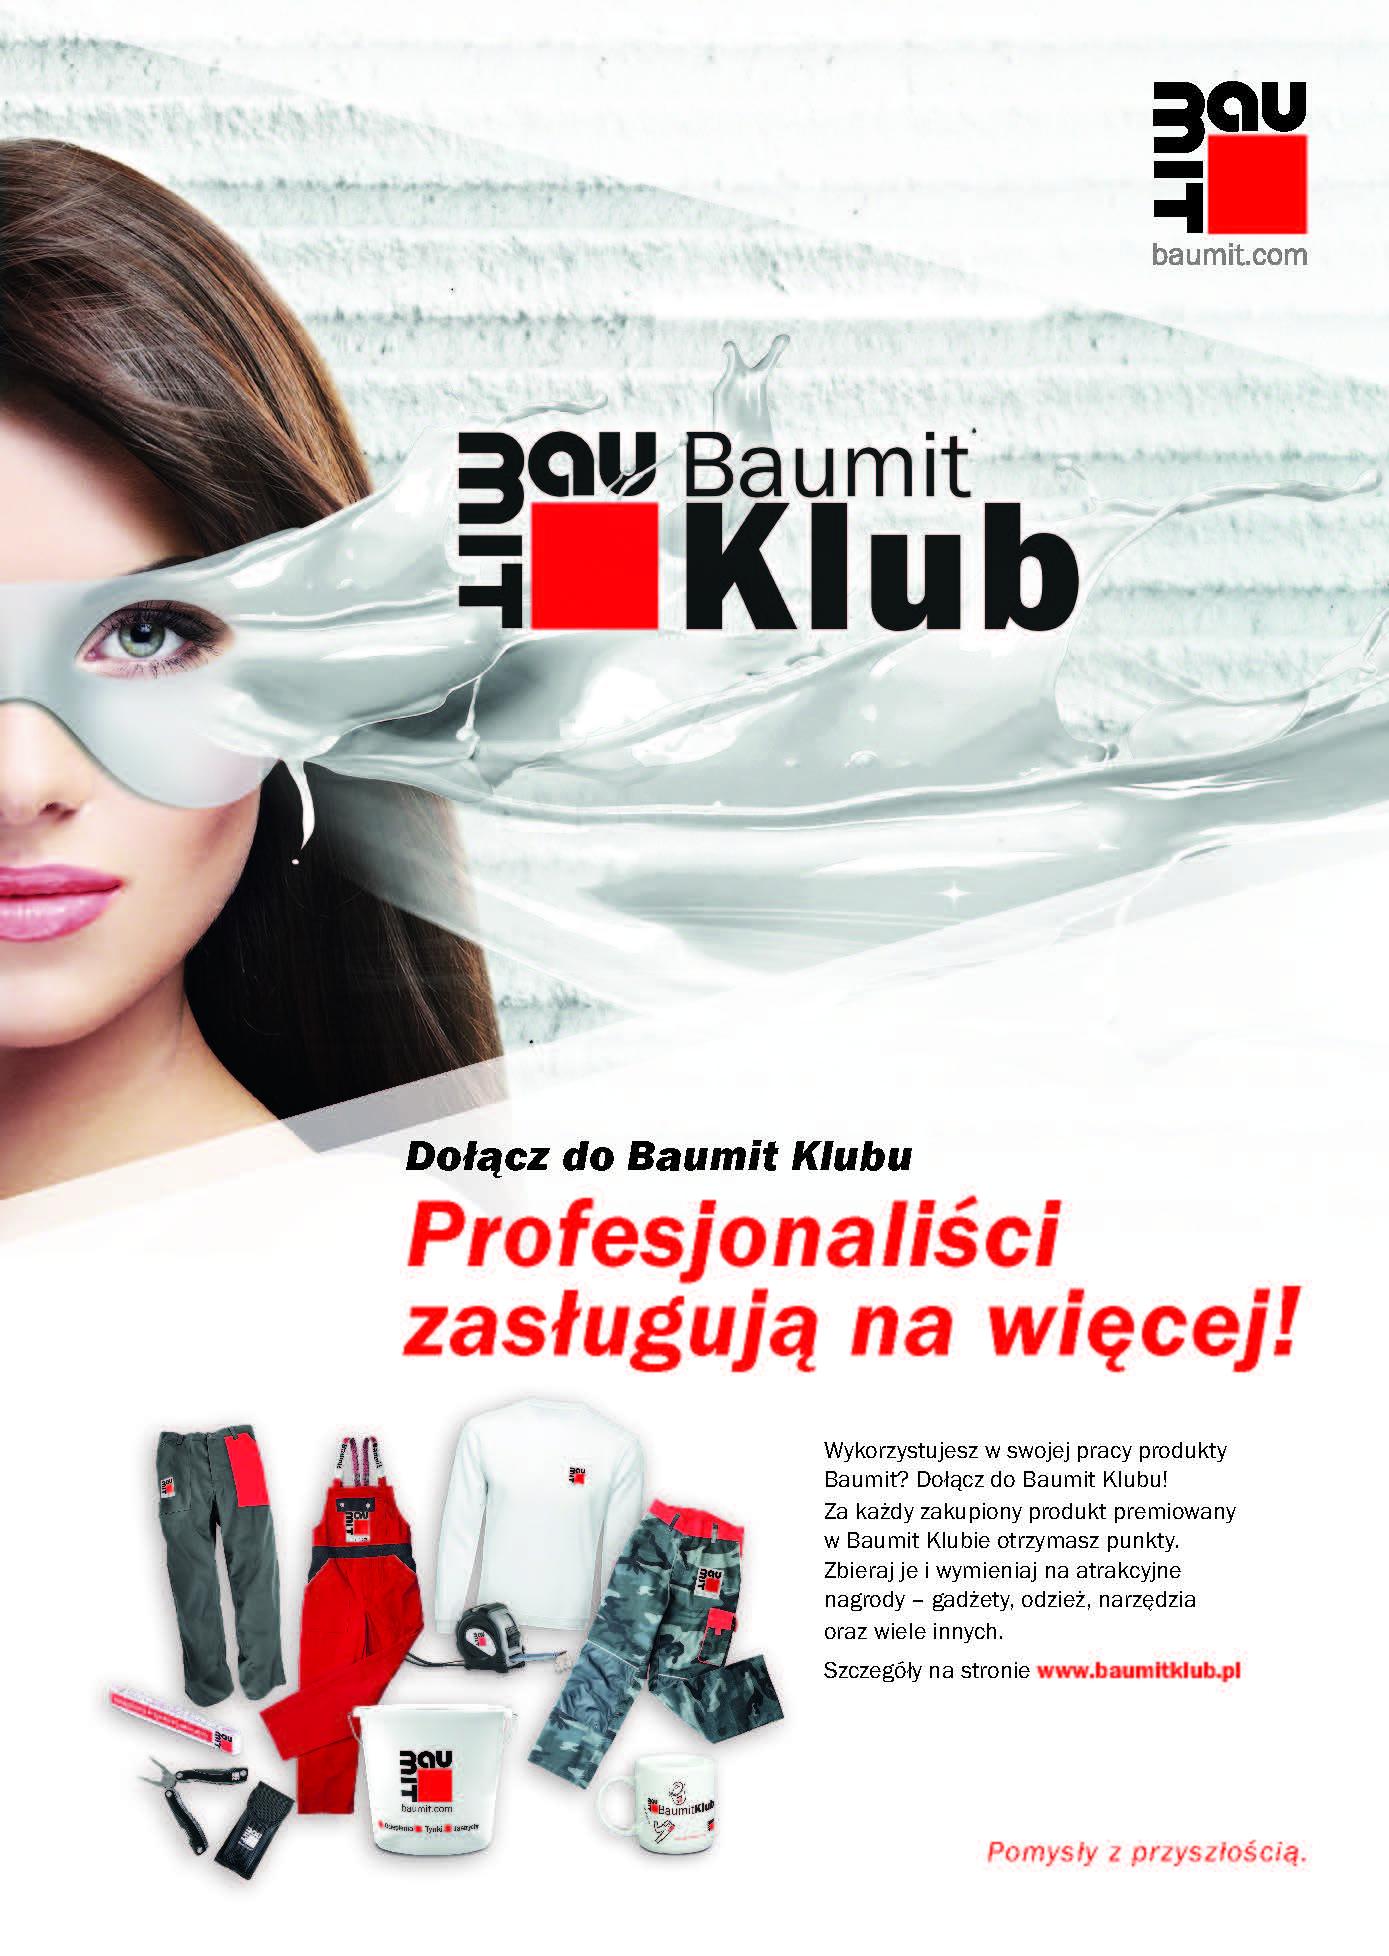 Baumit Klub – wystartował nowy program lojalnościowy Baumit